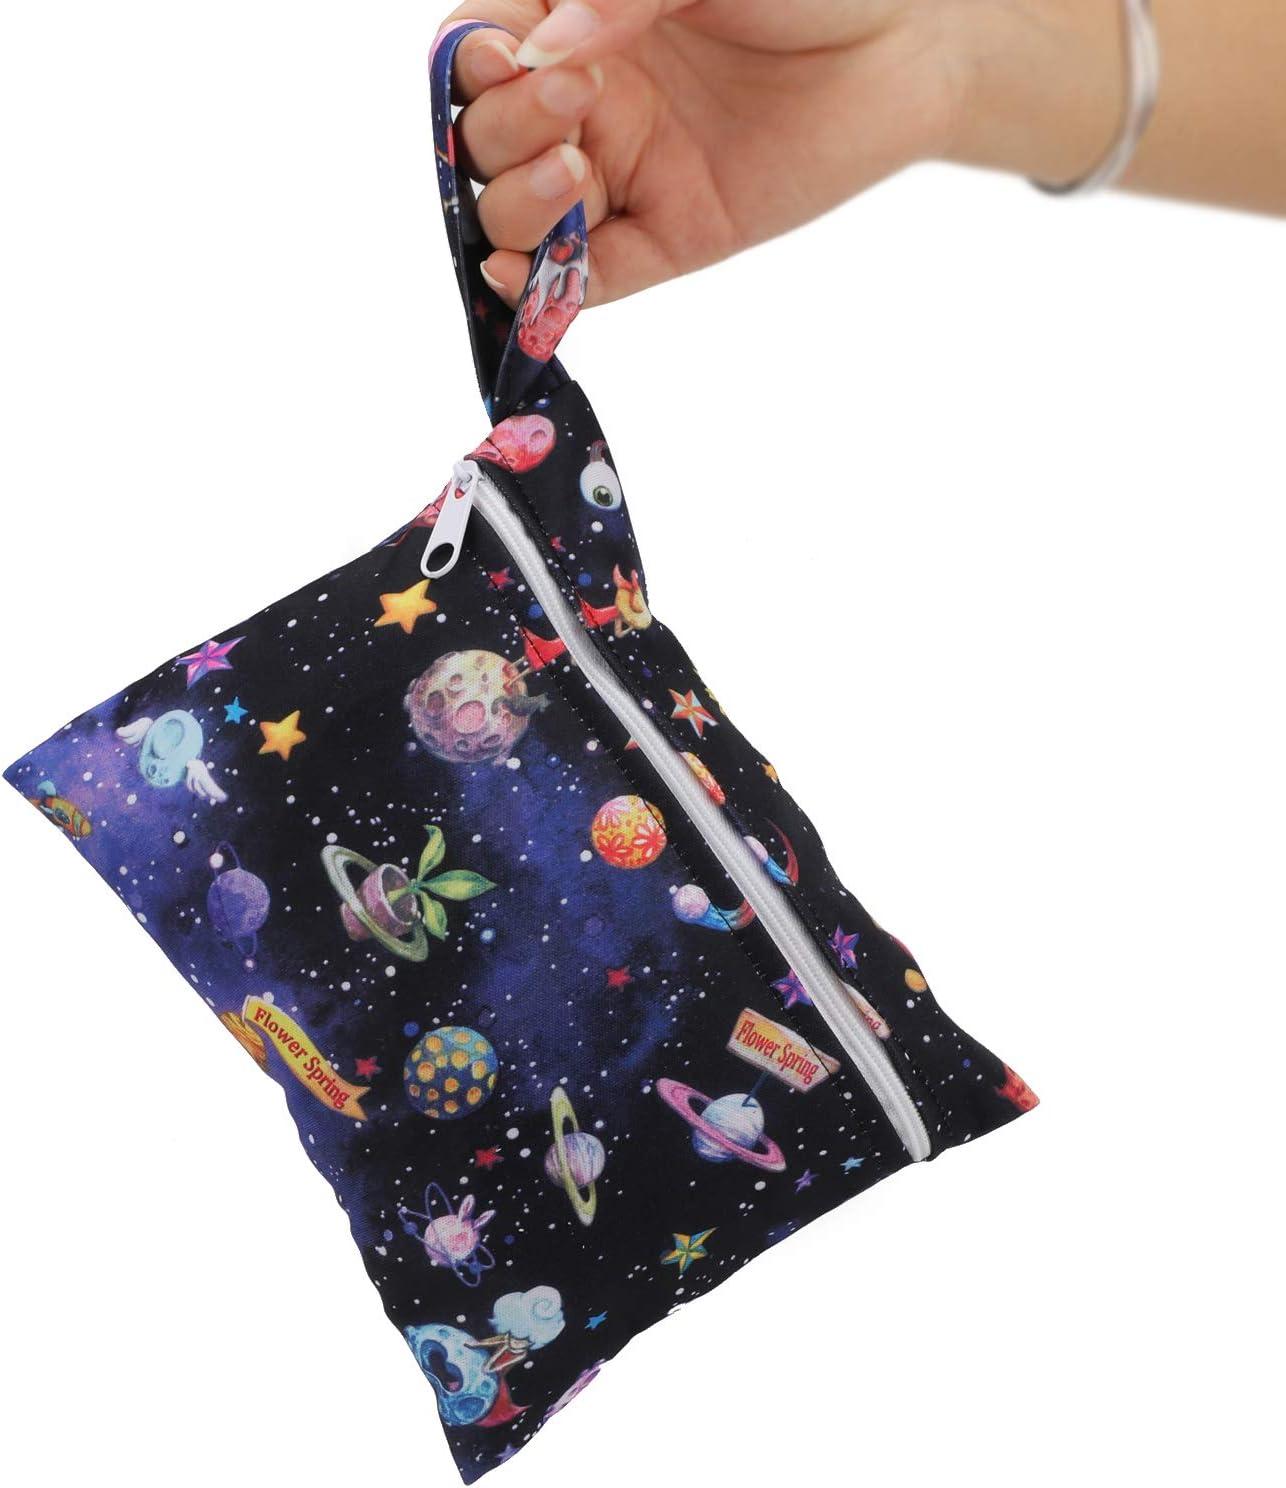 Pin Beige Weryffe Portable Serviettes Hygi/éniques Sac Mignon Imprim/é Menstruel Tasse Titulaire Pad Retrait Pochette Organisateur pour Femmes